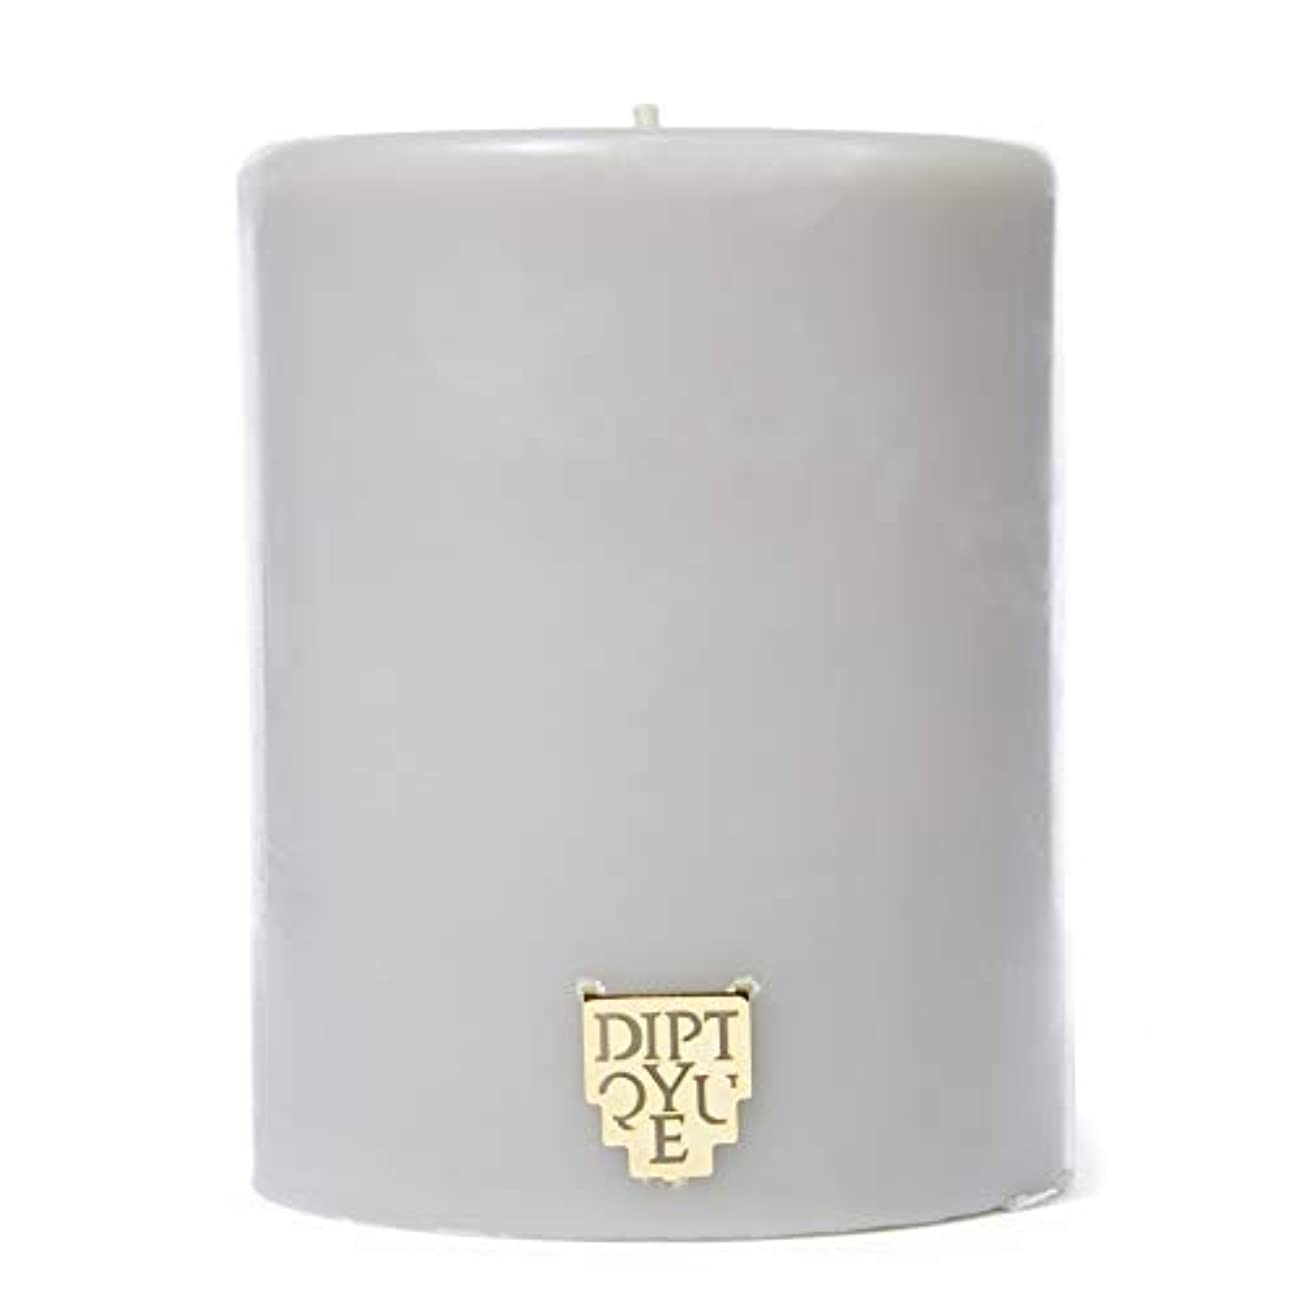 七時半お尻建築家[Diptyque] DiptyqueのFeuデボワピラーキャンドル450グラム - Diptyque Feu De Bois Pillar Candle 450g [並行輸入品]